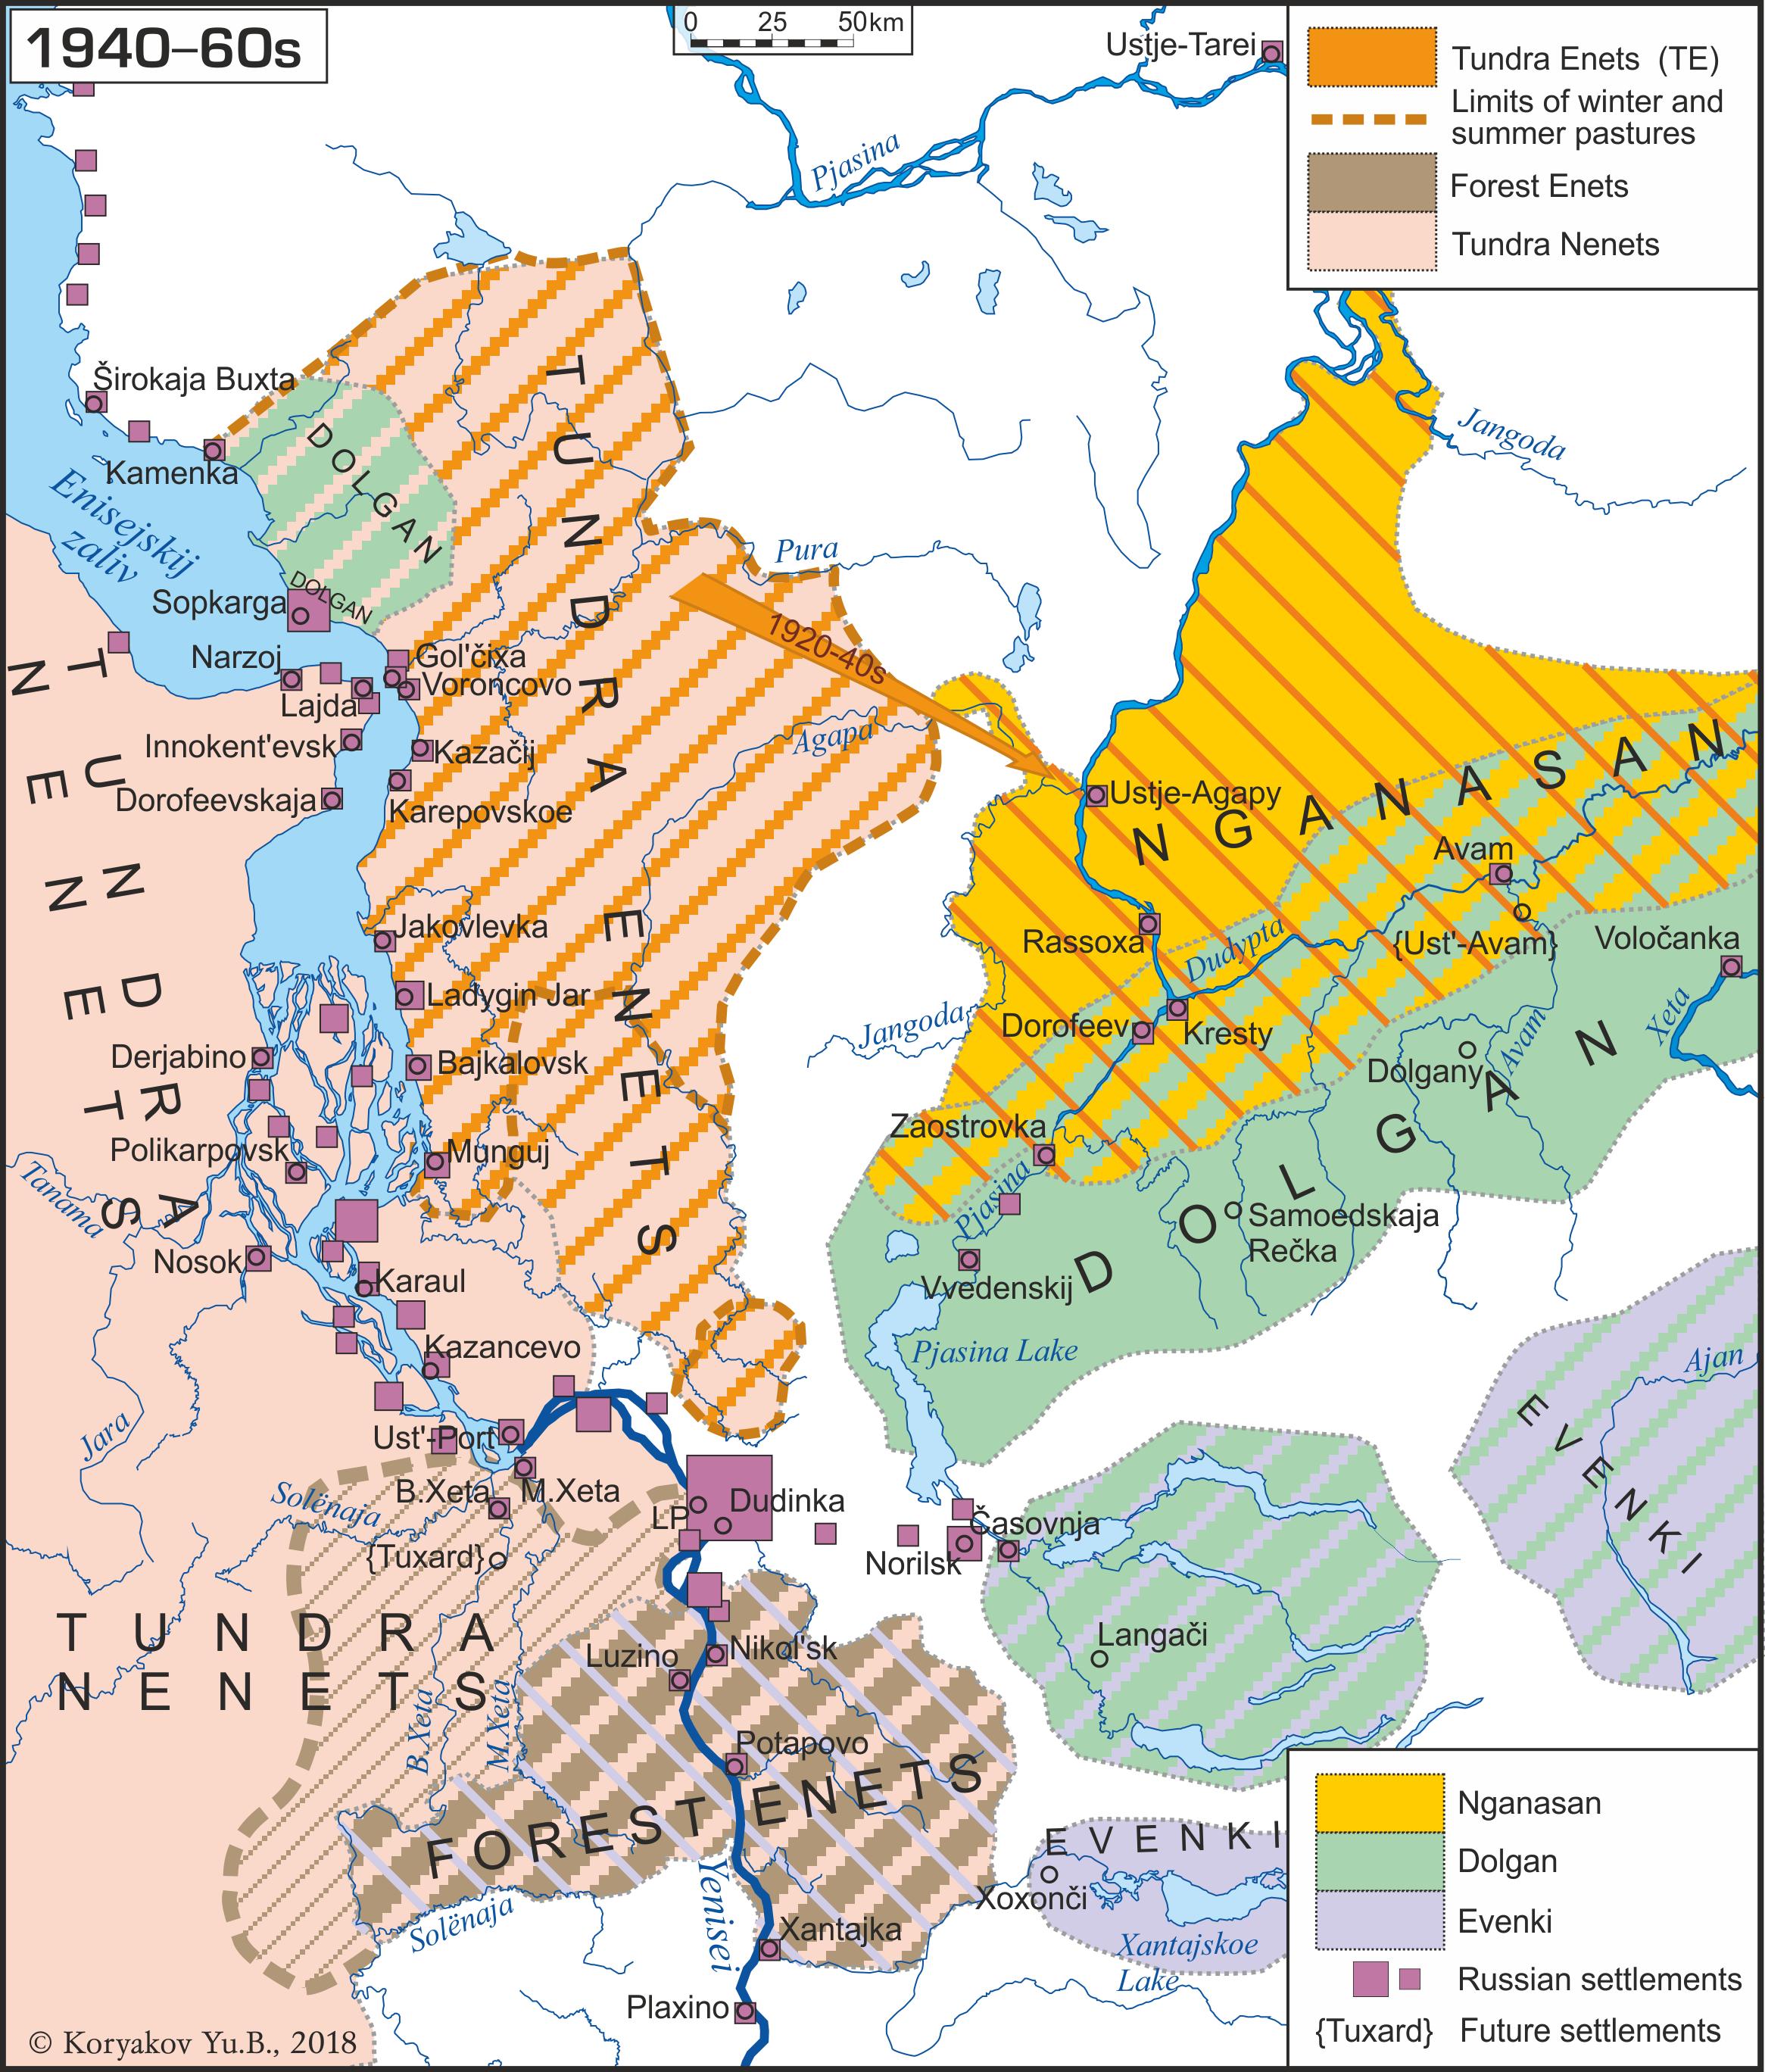 Languages of Western Tajmyr (1940–60s); авторы Ю.Б.Коряков, О.В.Ханина